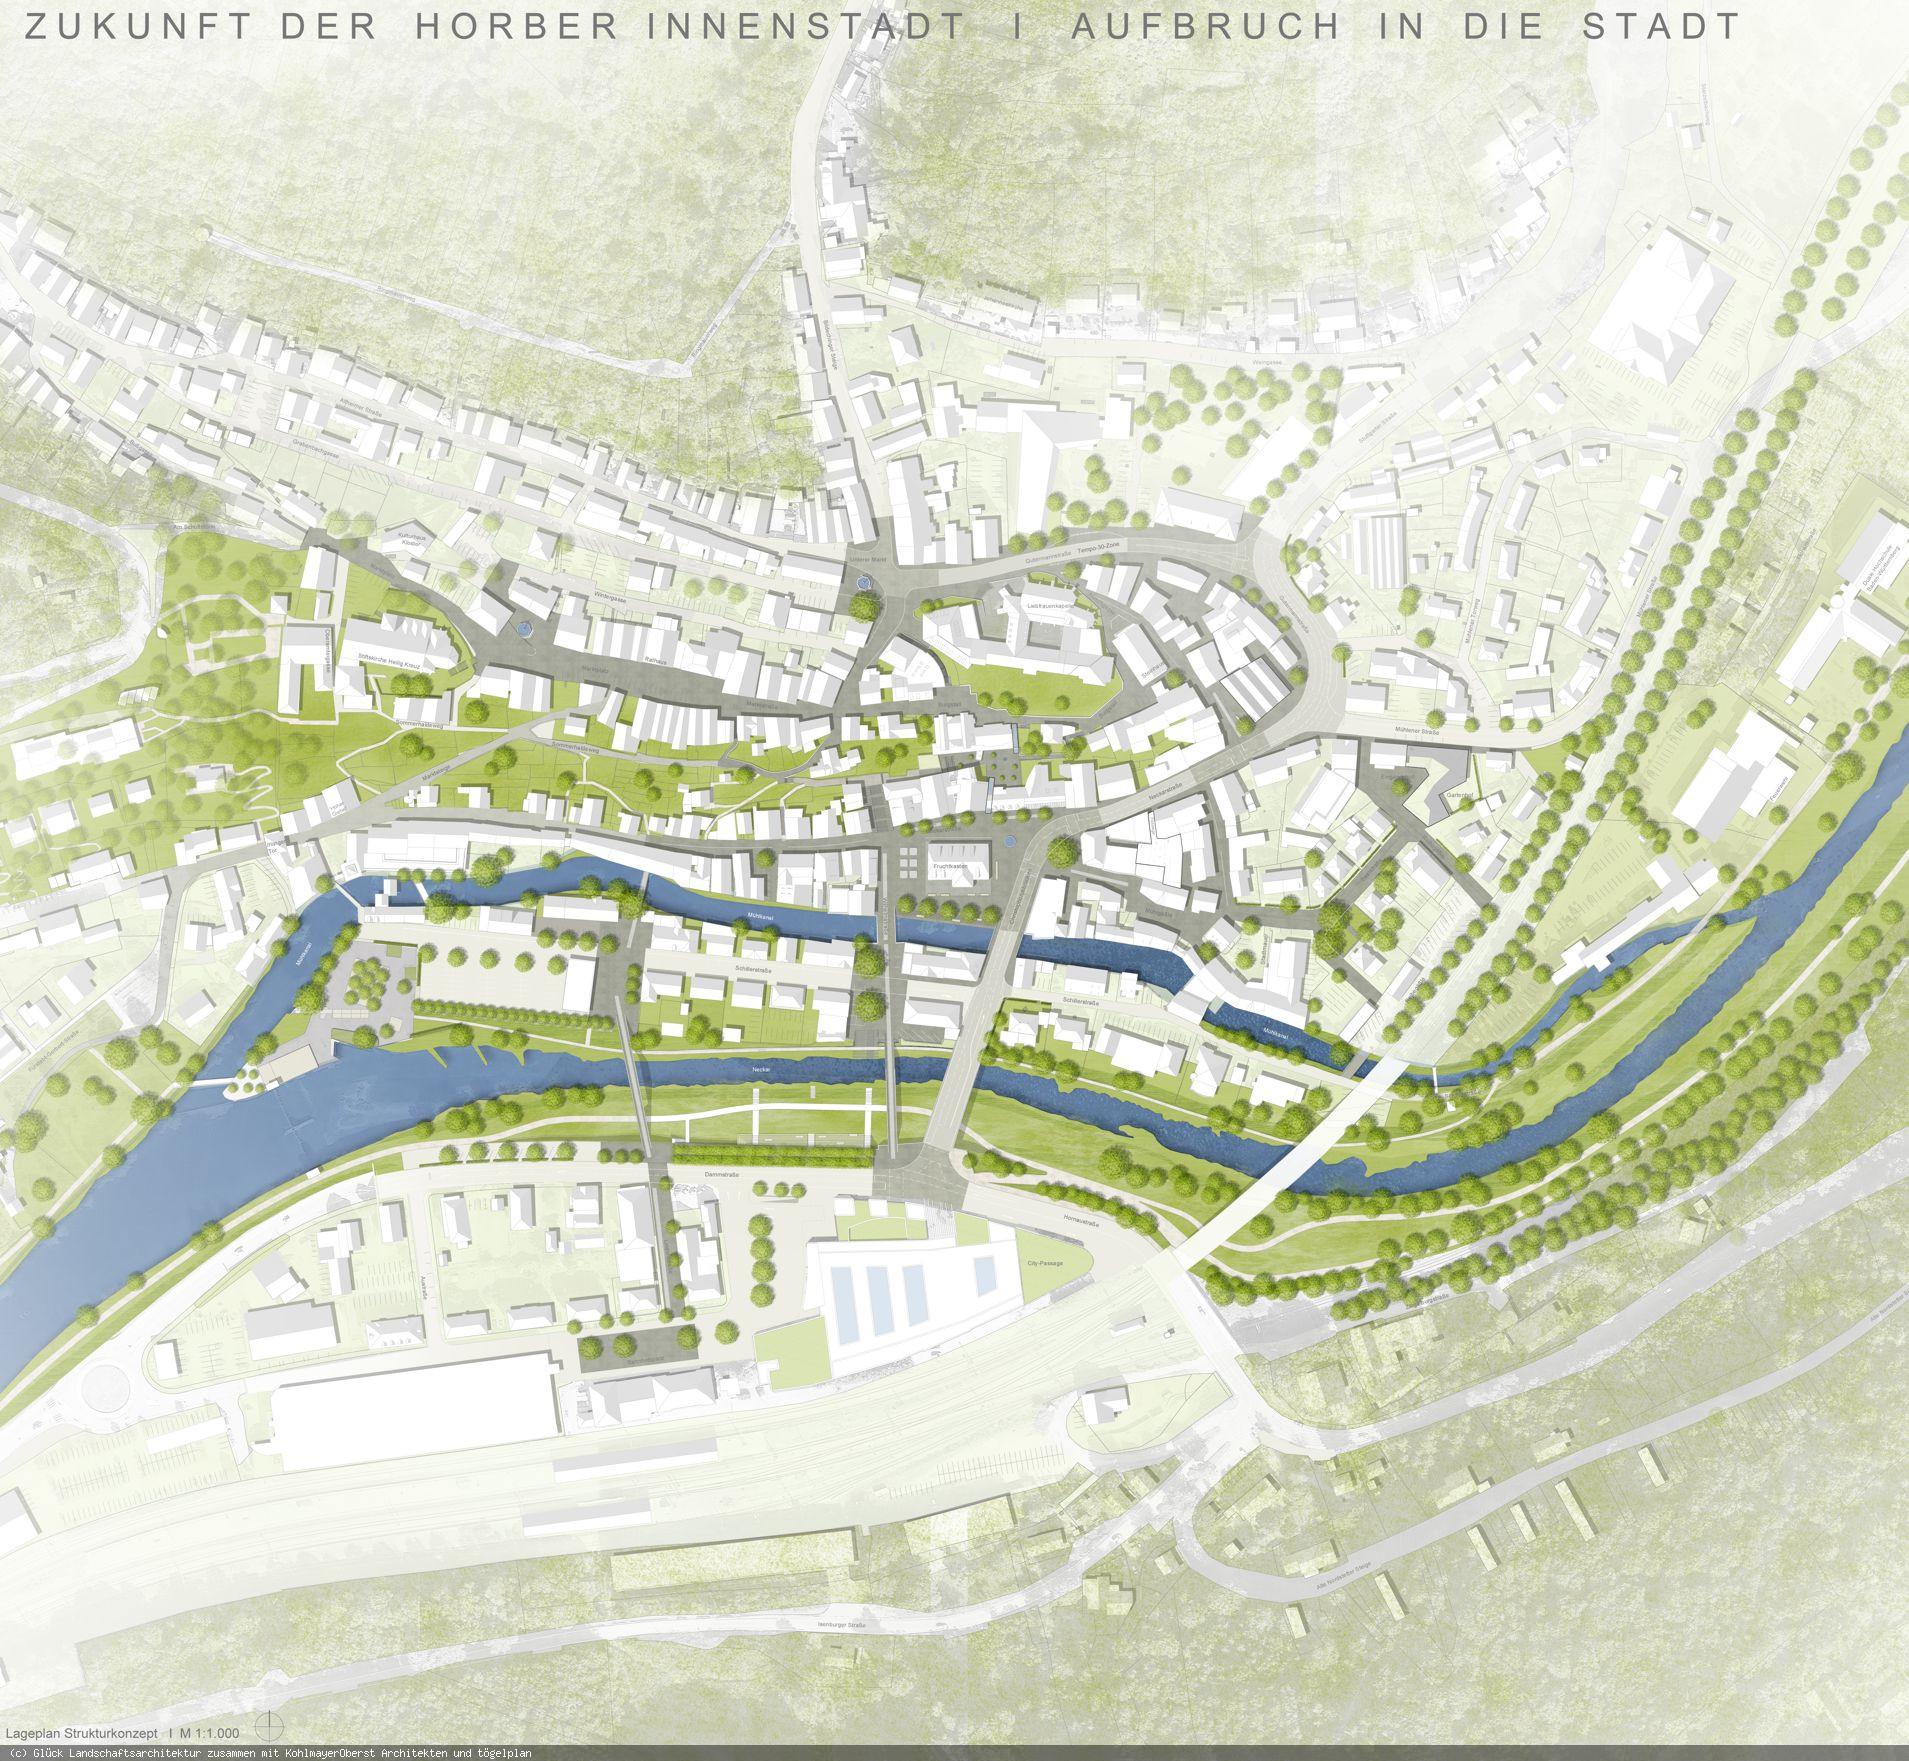 Innenstadtwettbewerb Visualisierung (Grafik: Glück Landschaftsarchitektur zusammen mit KohlmayerOberst Architekten und tögelplan)